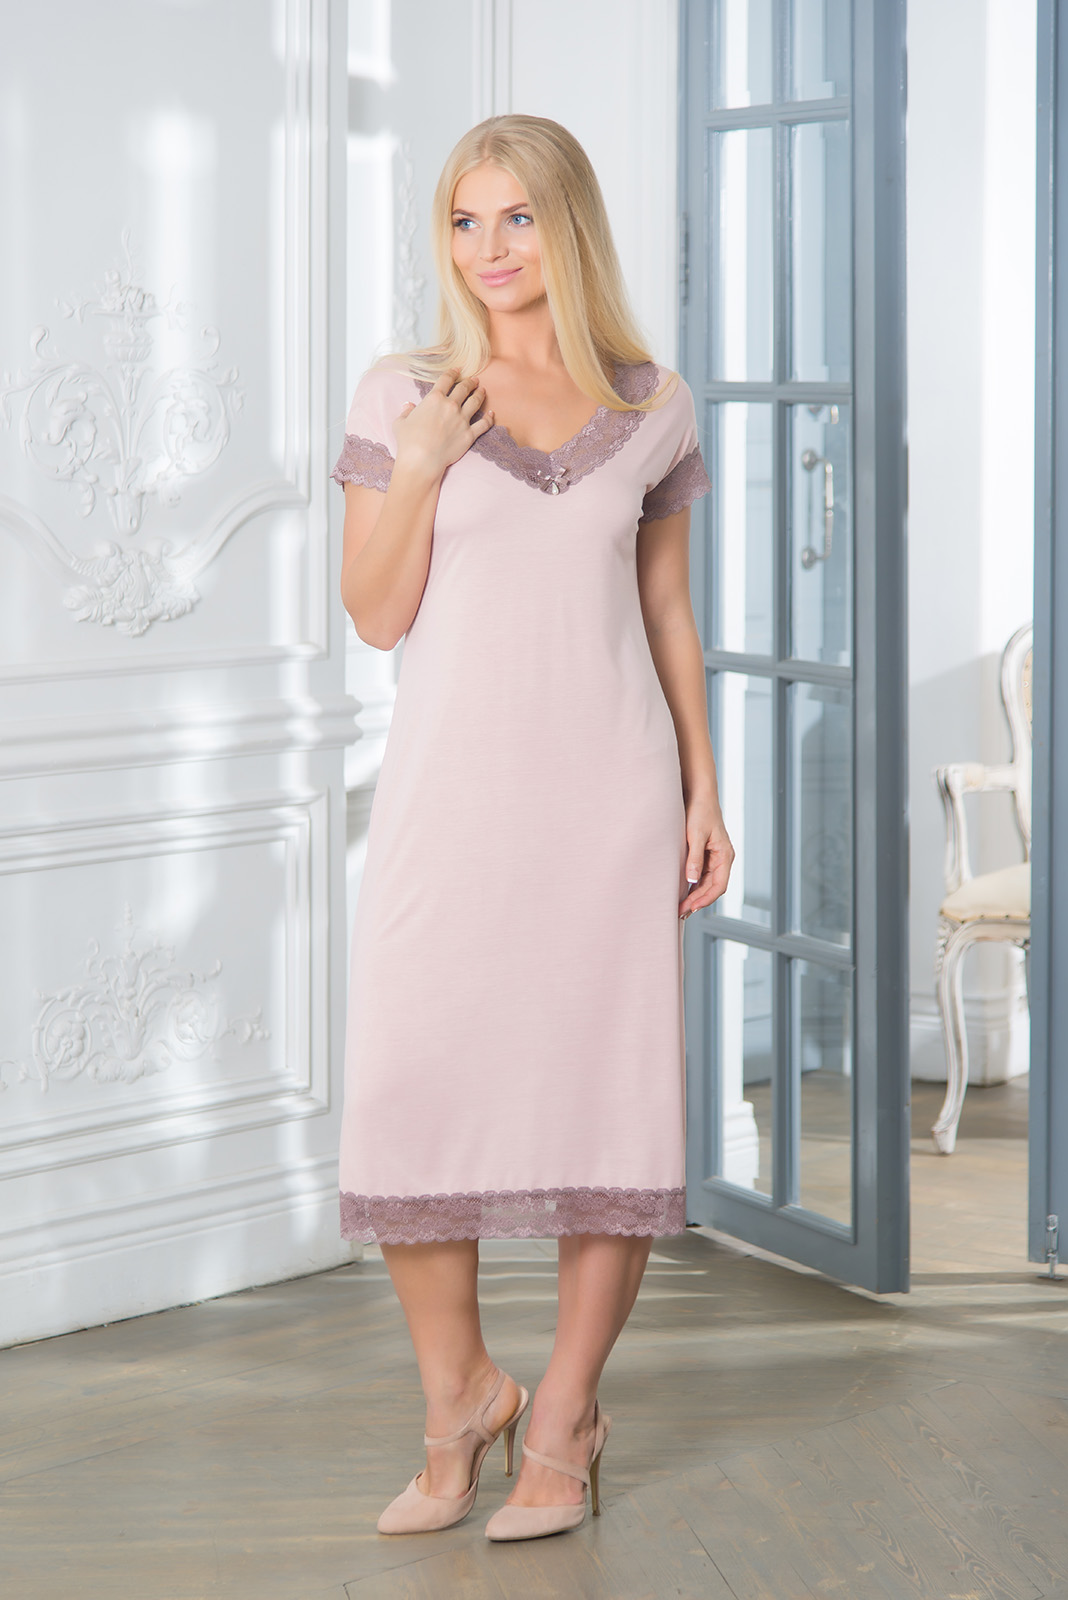 Ночные сорочки Mia Cara Ночная сорочка Meryle Цвет: Розовый (S) пижамы mia cara пижама paisley цвет розовый m l